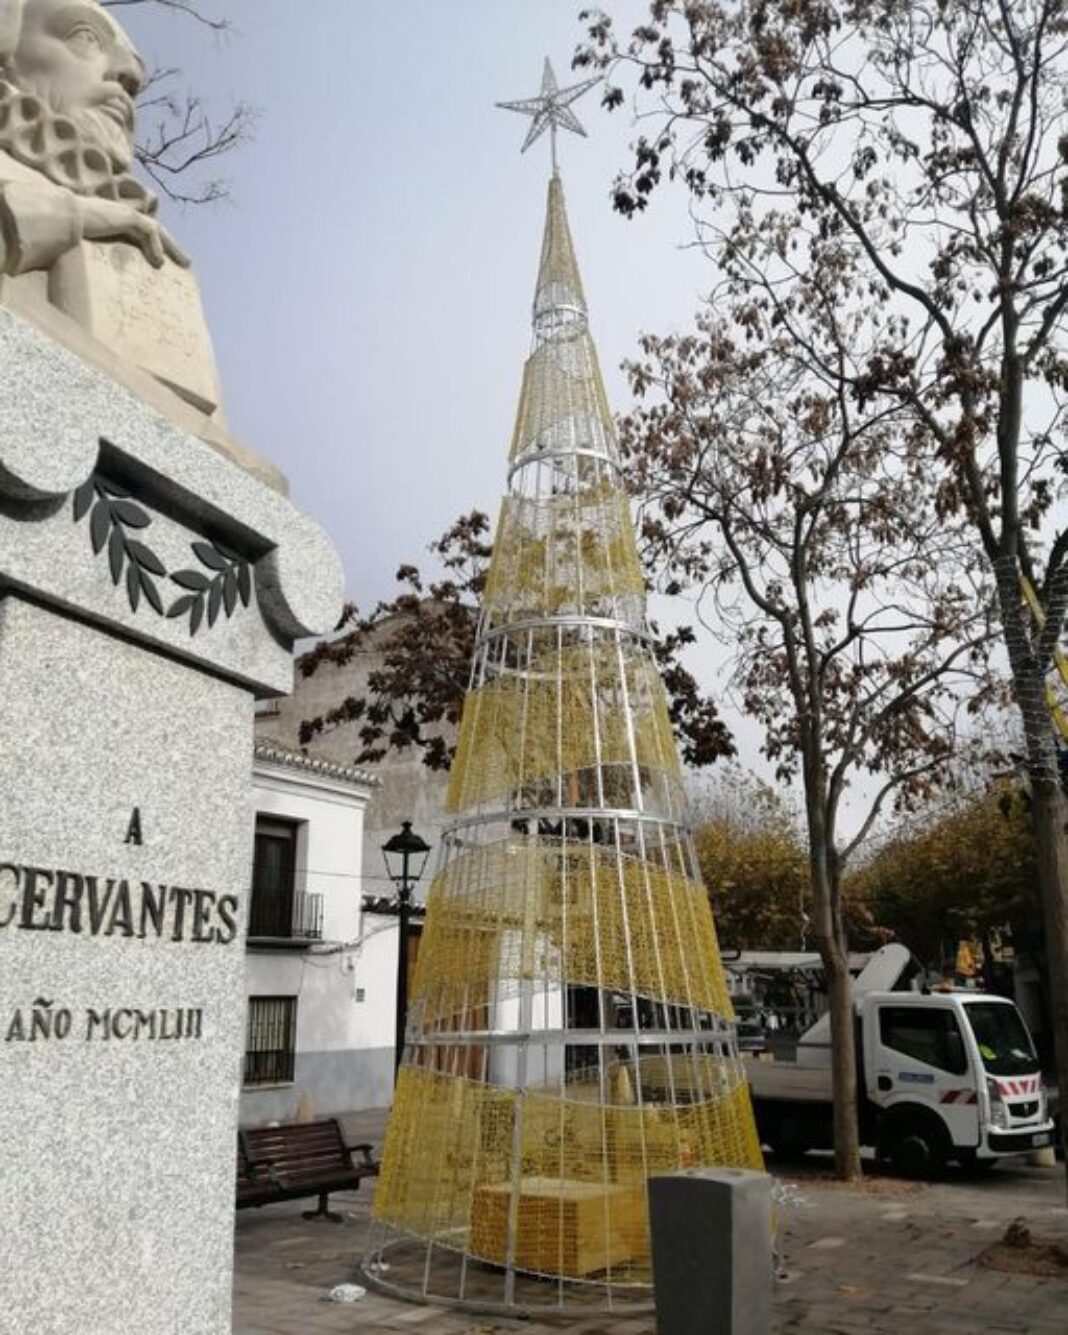 El domingo 6 de diciembre se encenderá la iluminación navideña 4